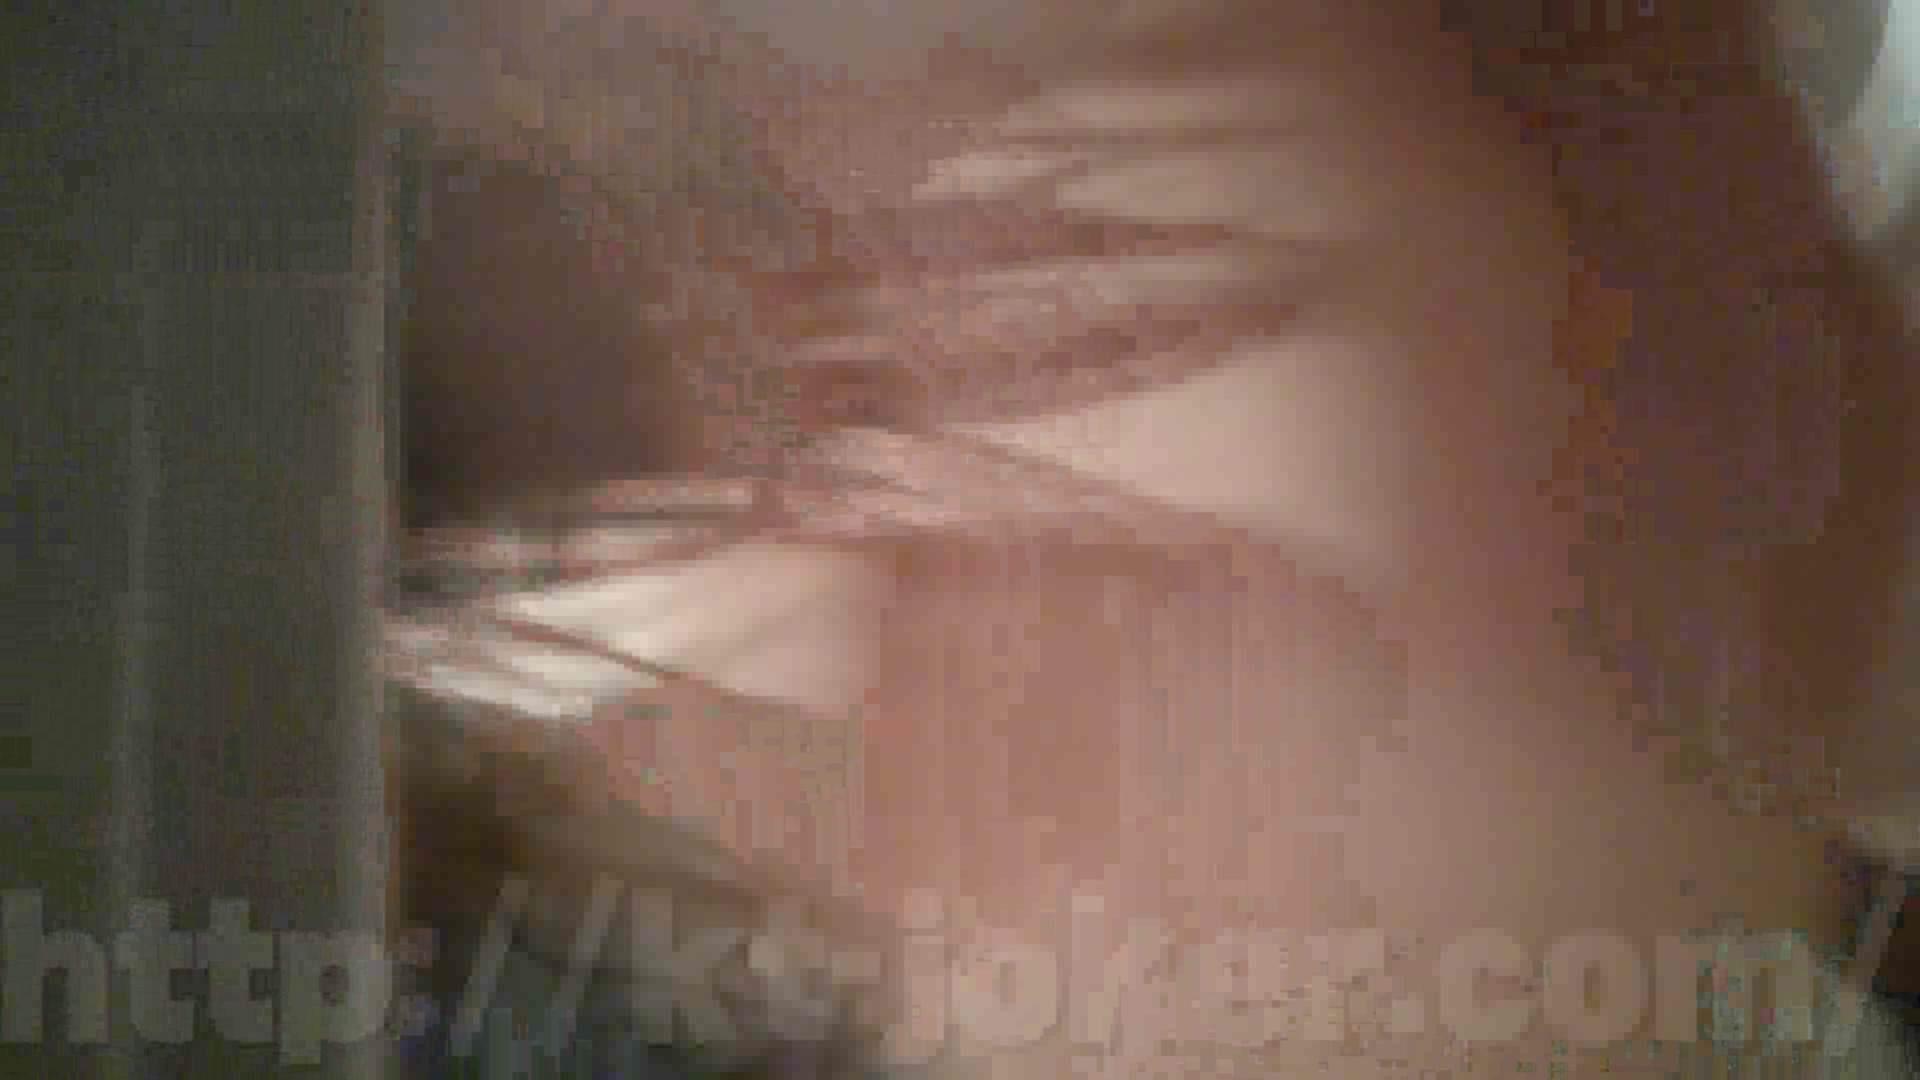 某有名大学女性洗面所 vol.30 OLハメ撮り  62Pix 49